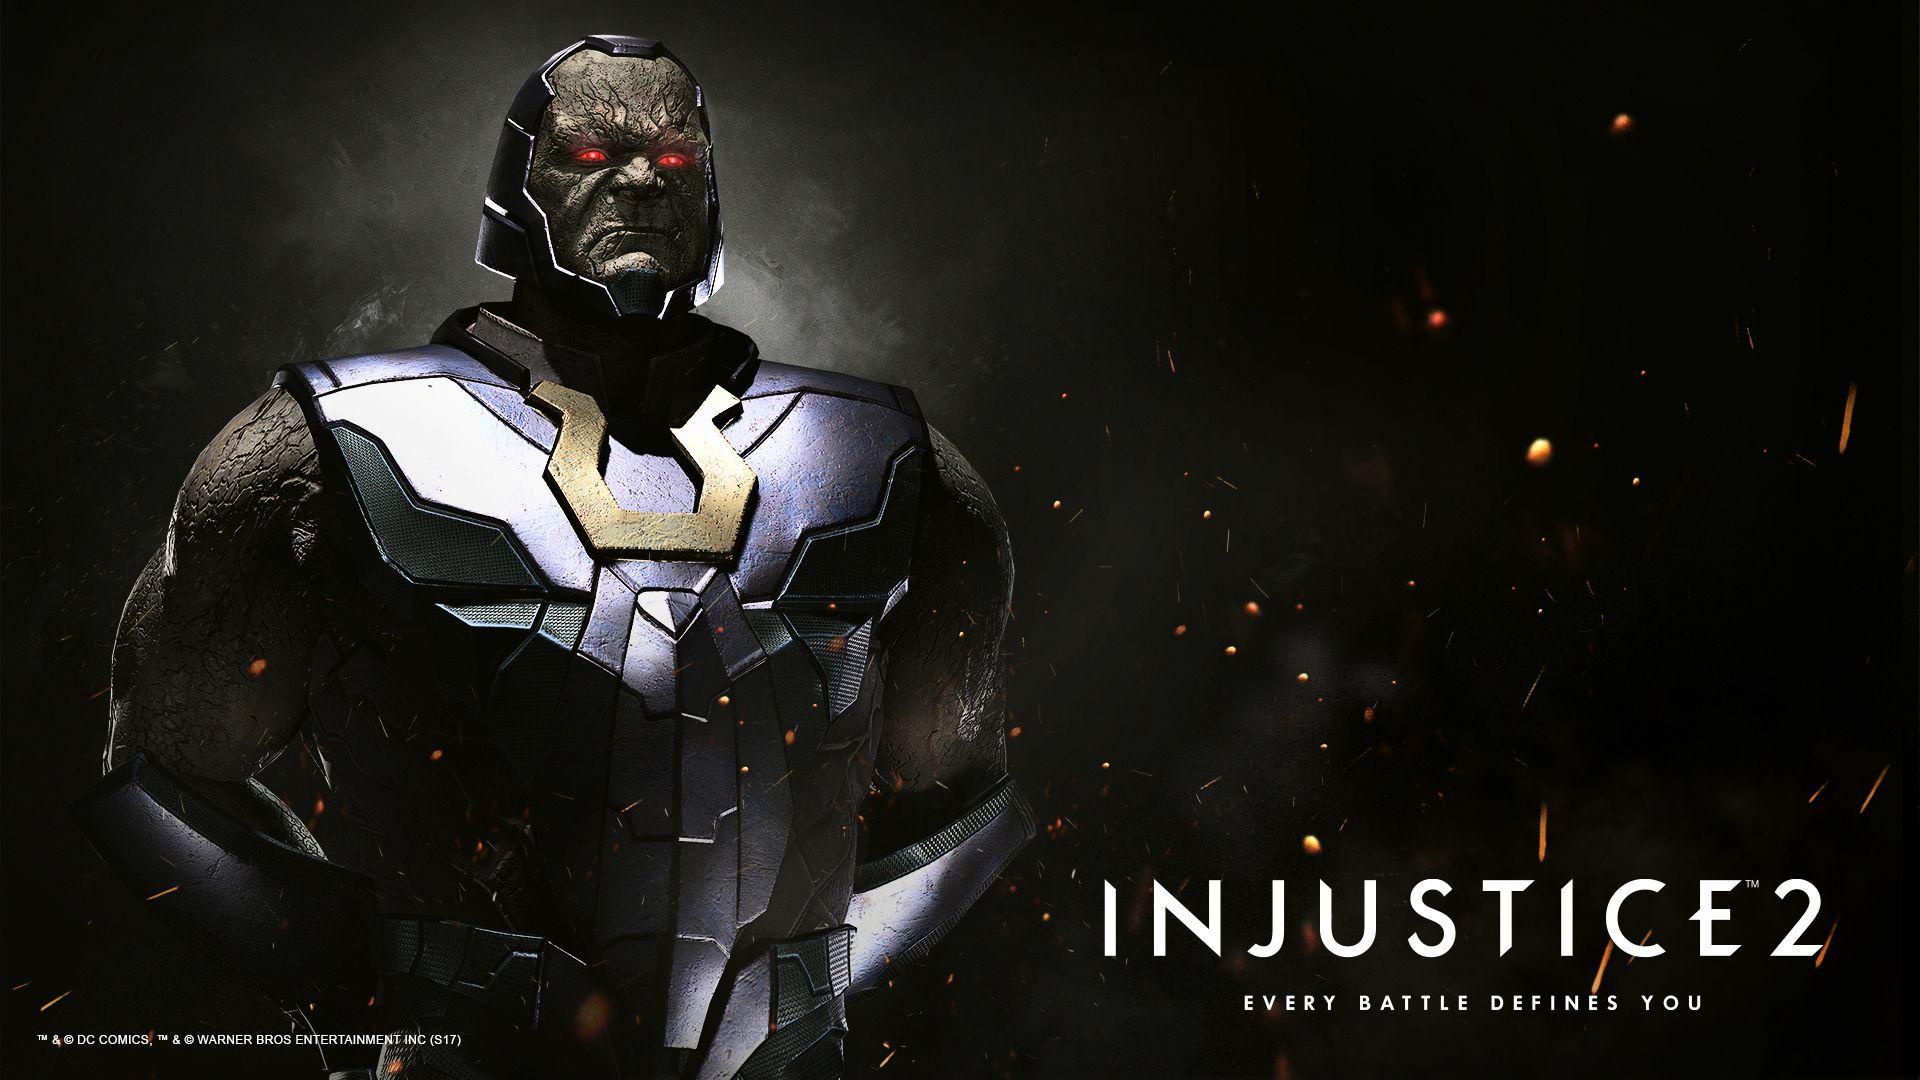 Darkseid Injustice 2 Wallpaper 0001